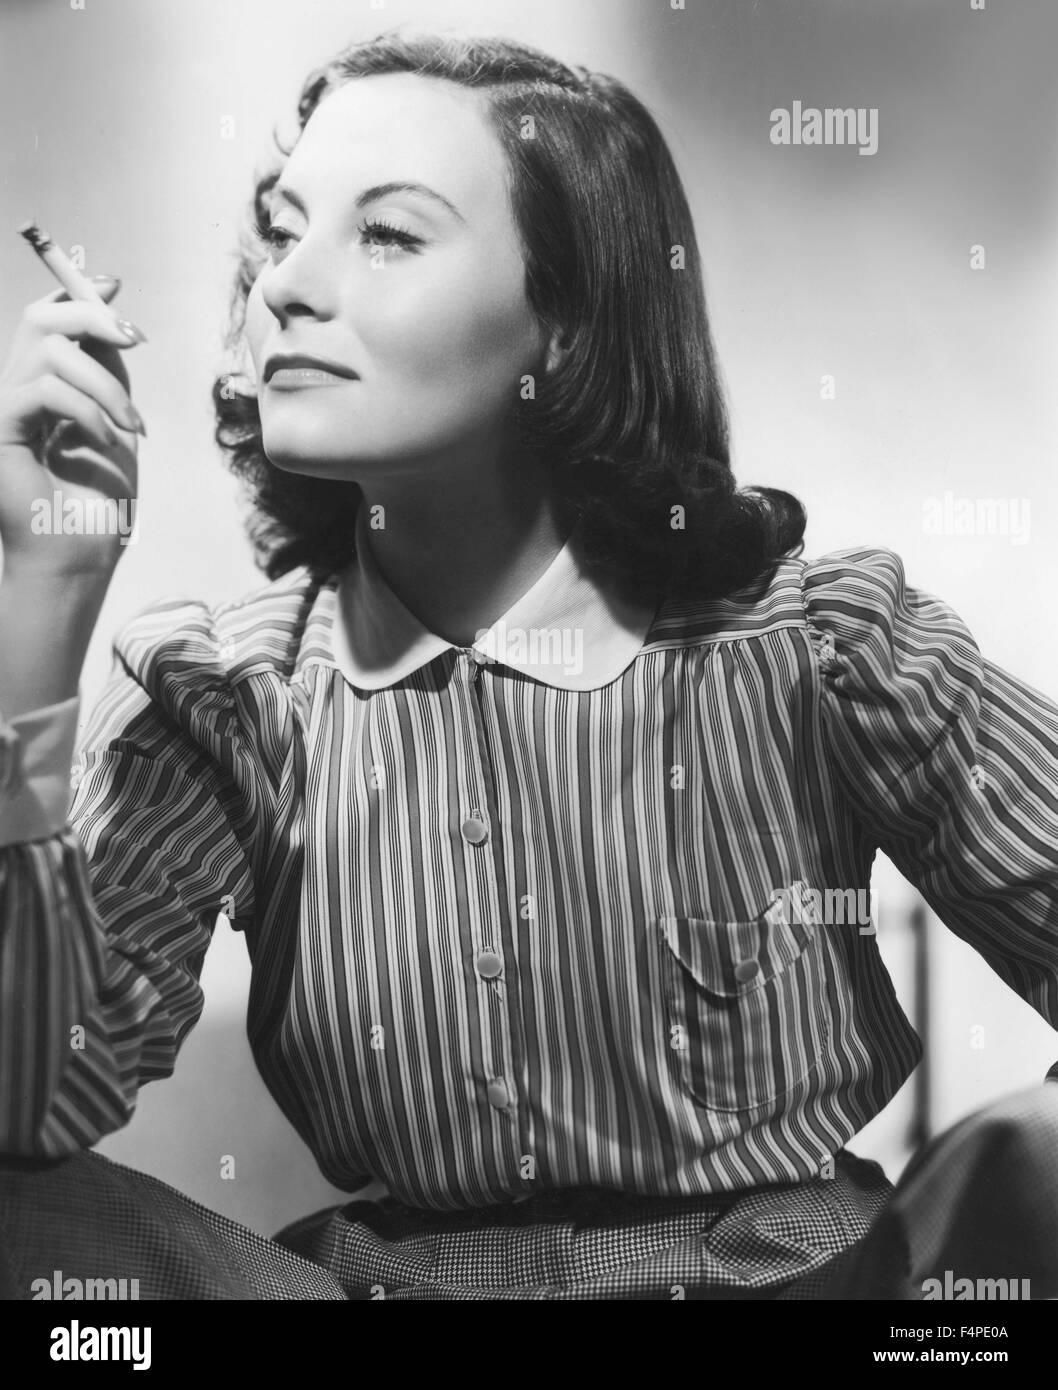 Sarah Roberts (actress) photo